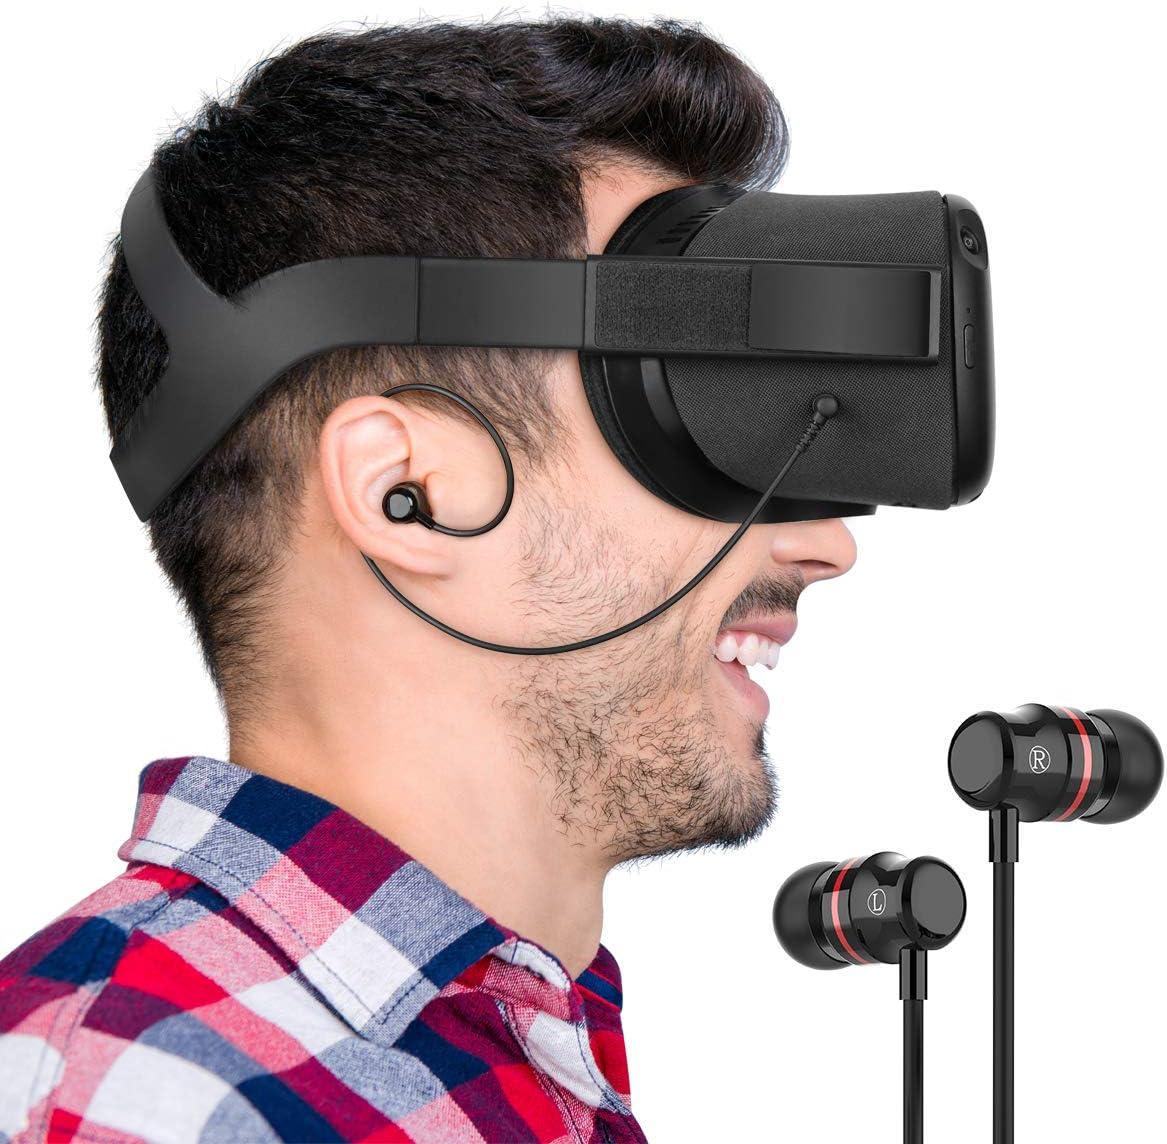 Noir, 1 Paire KIWI design Oculus Quest Ecouteurs Ecouteurs Stereo Intra-Auriculaires sur Mesure pour Oculus Quest VR Headset